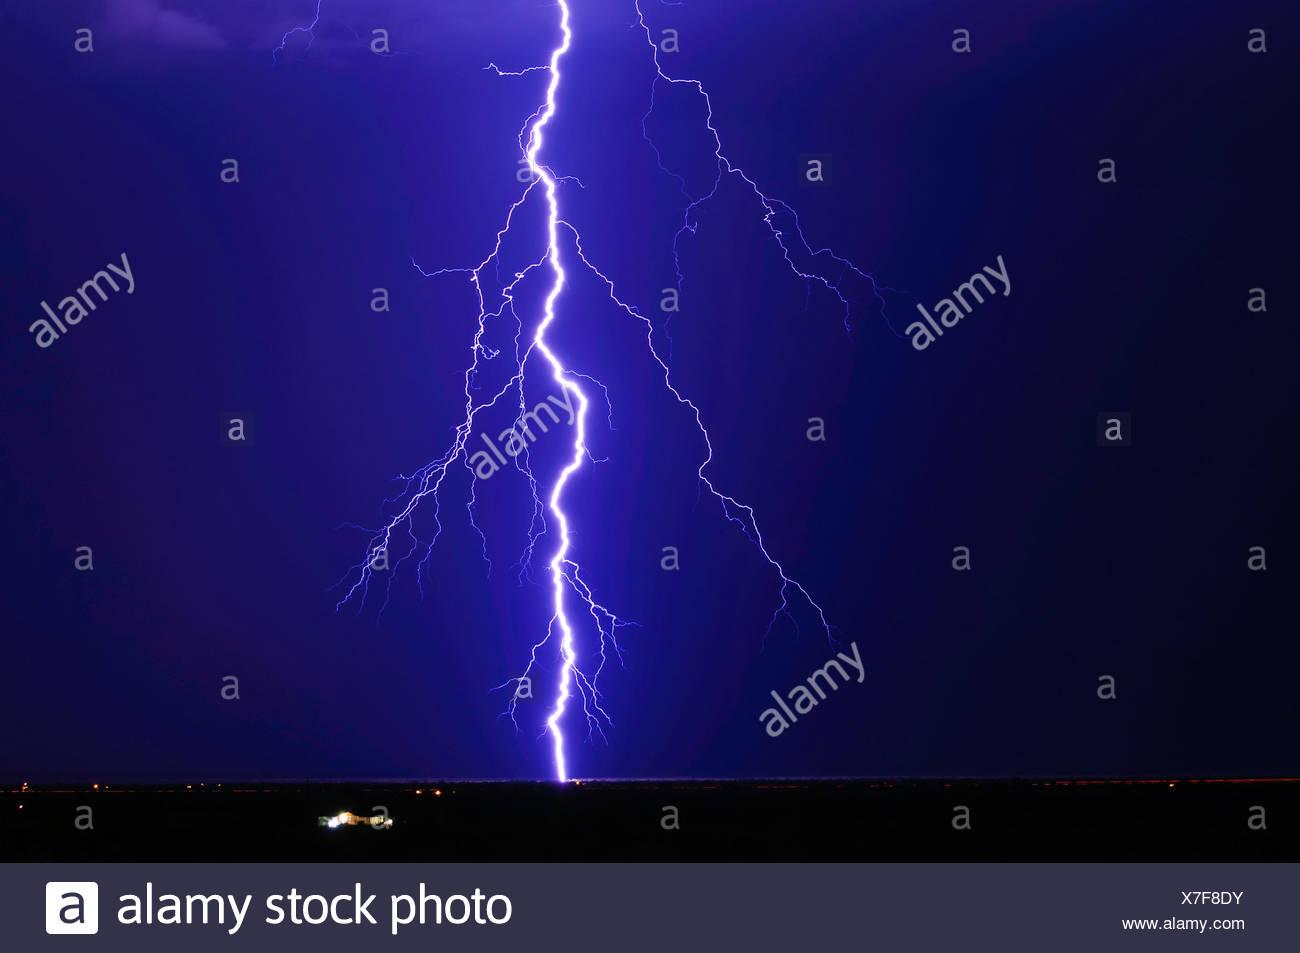 Lightning over Tonopah, Arizona, United States Stock Photo